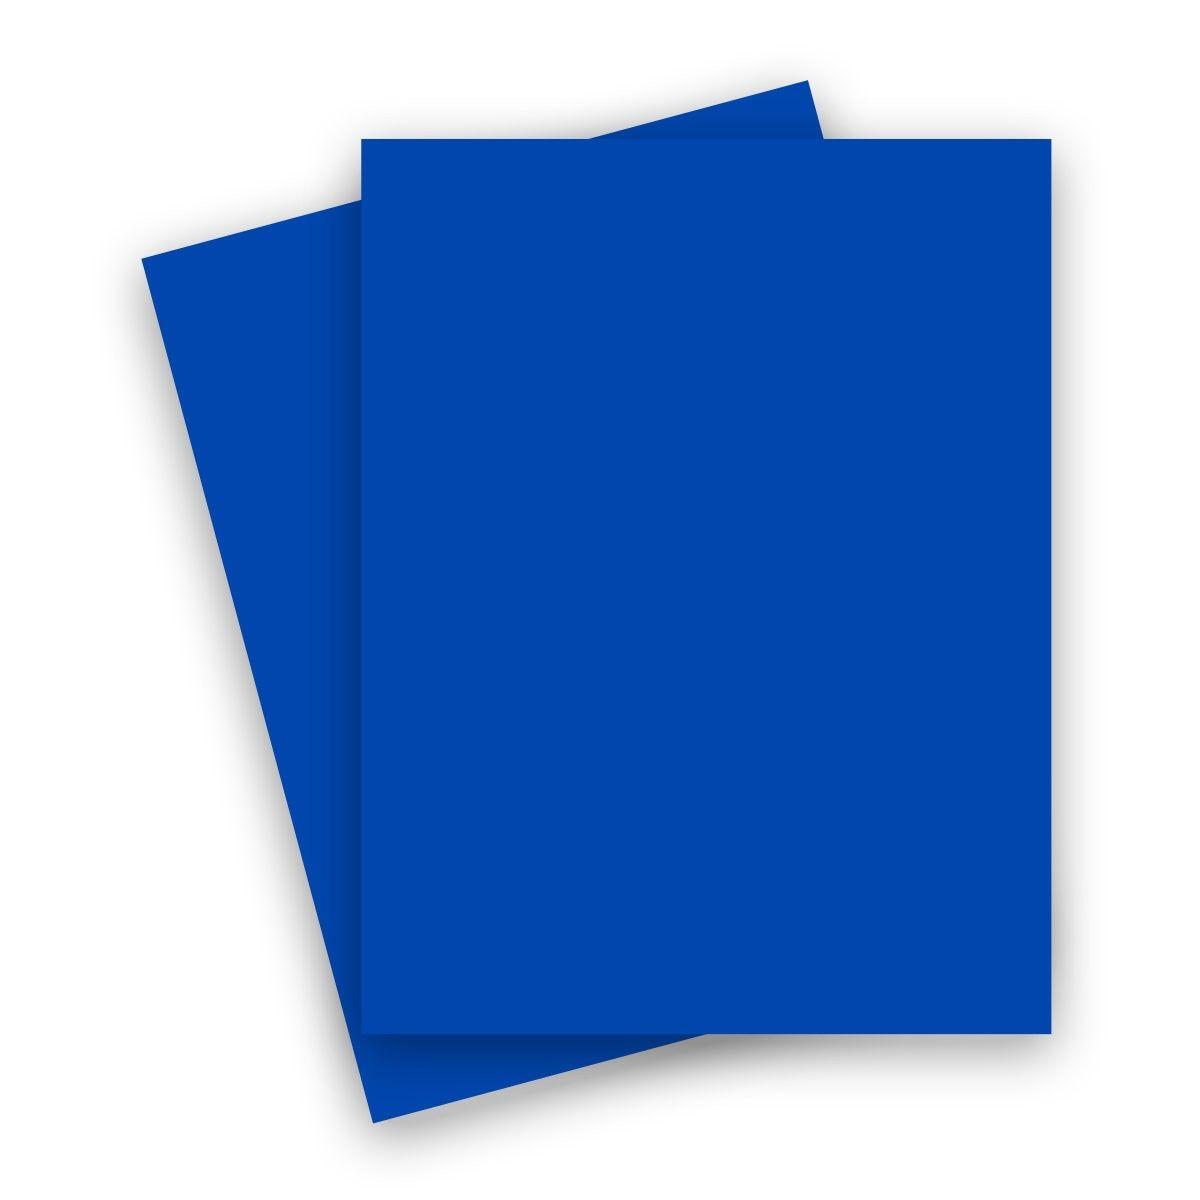 Plike Plastic Like Paper 8 5 X 11 Royal Blue 122lb Cover 25 Pk Royal Blue Cover Blue